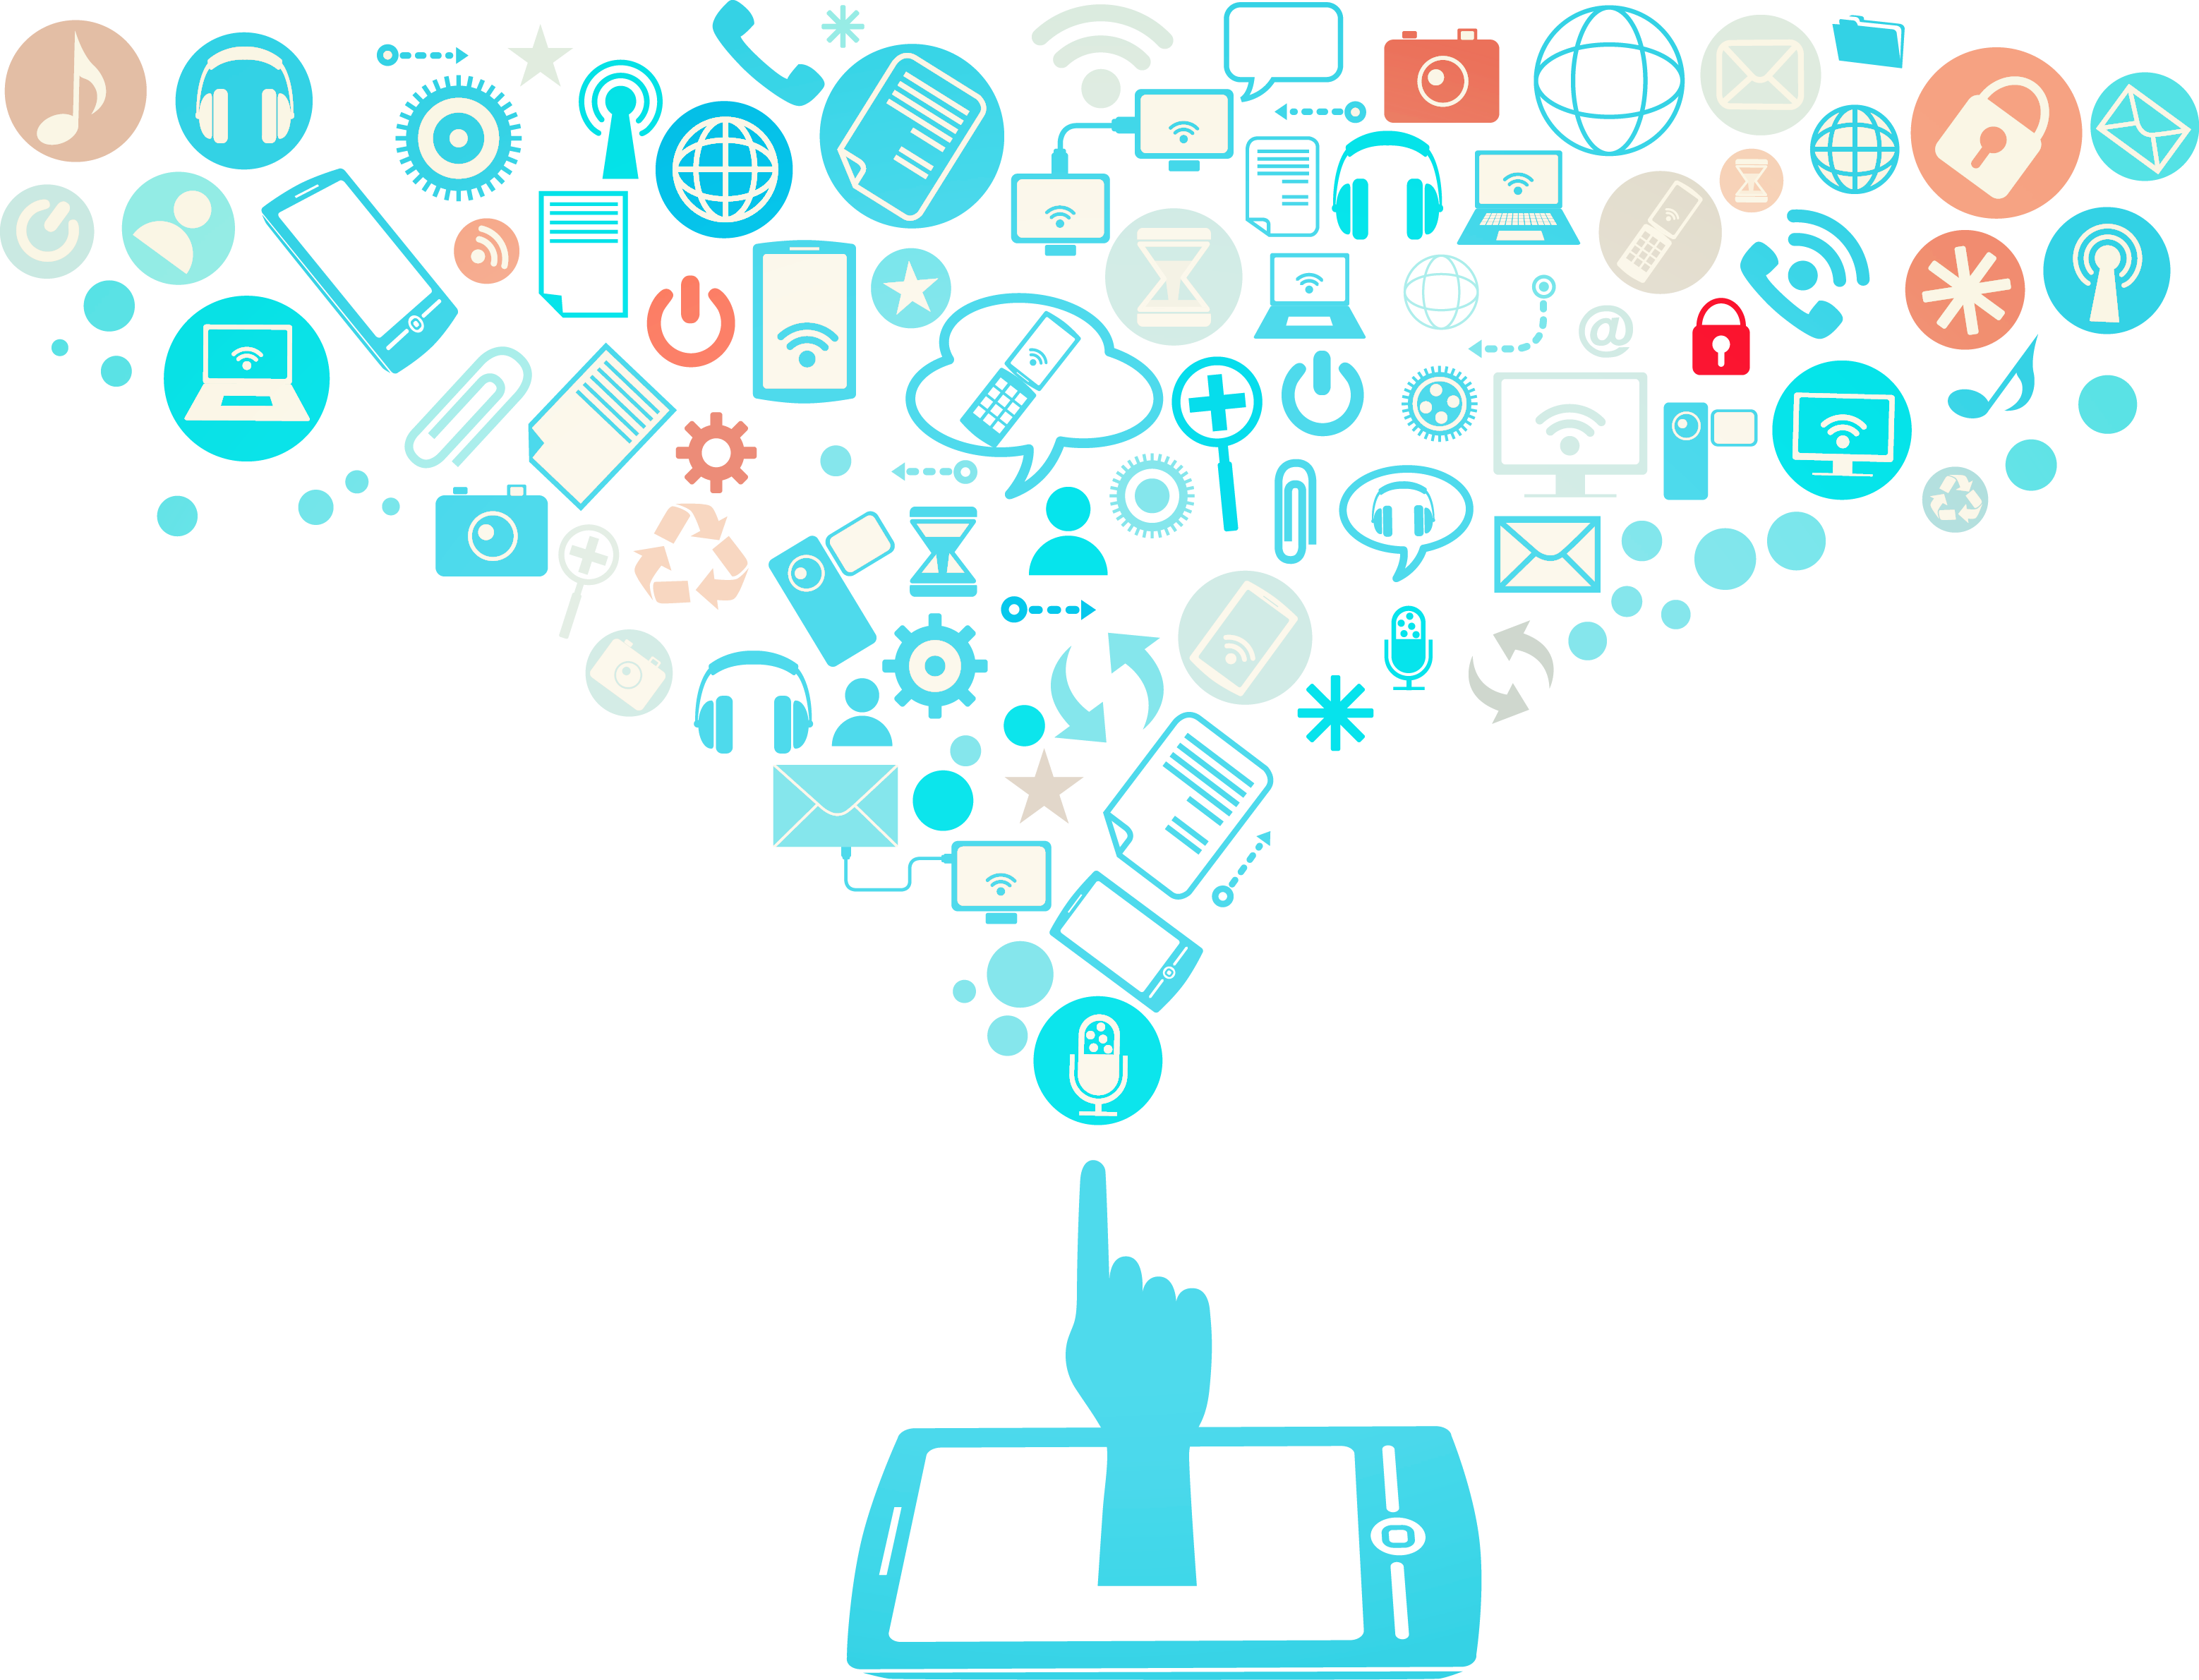 微信公众平台服务号与订阅号的区别